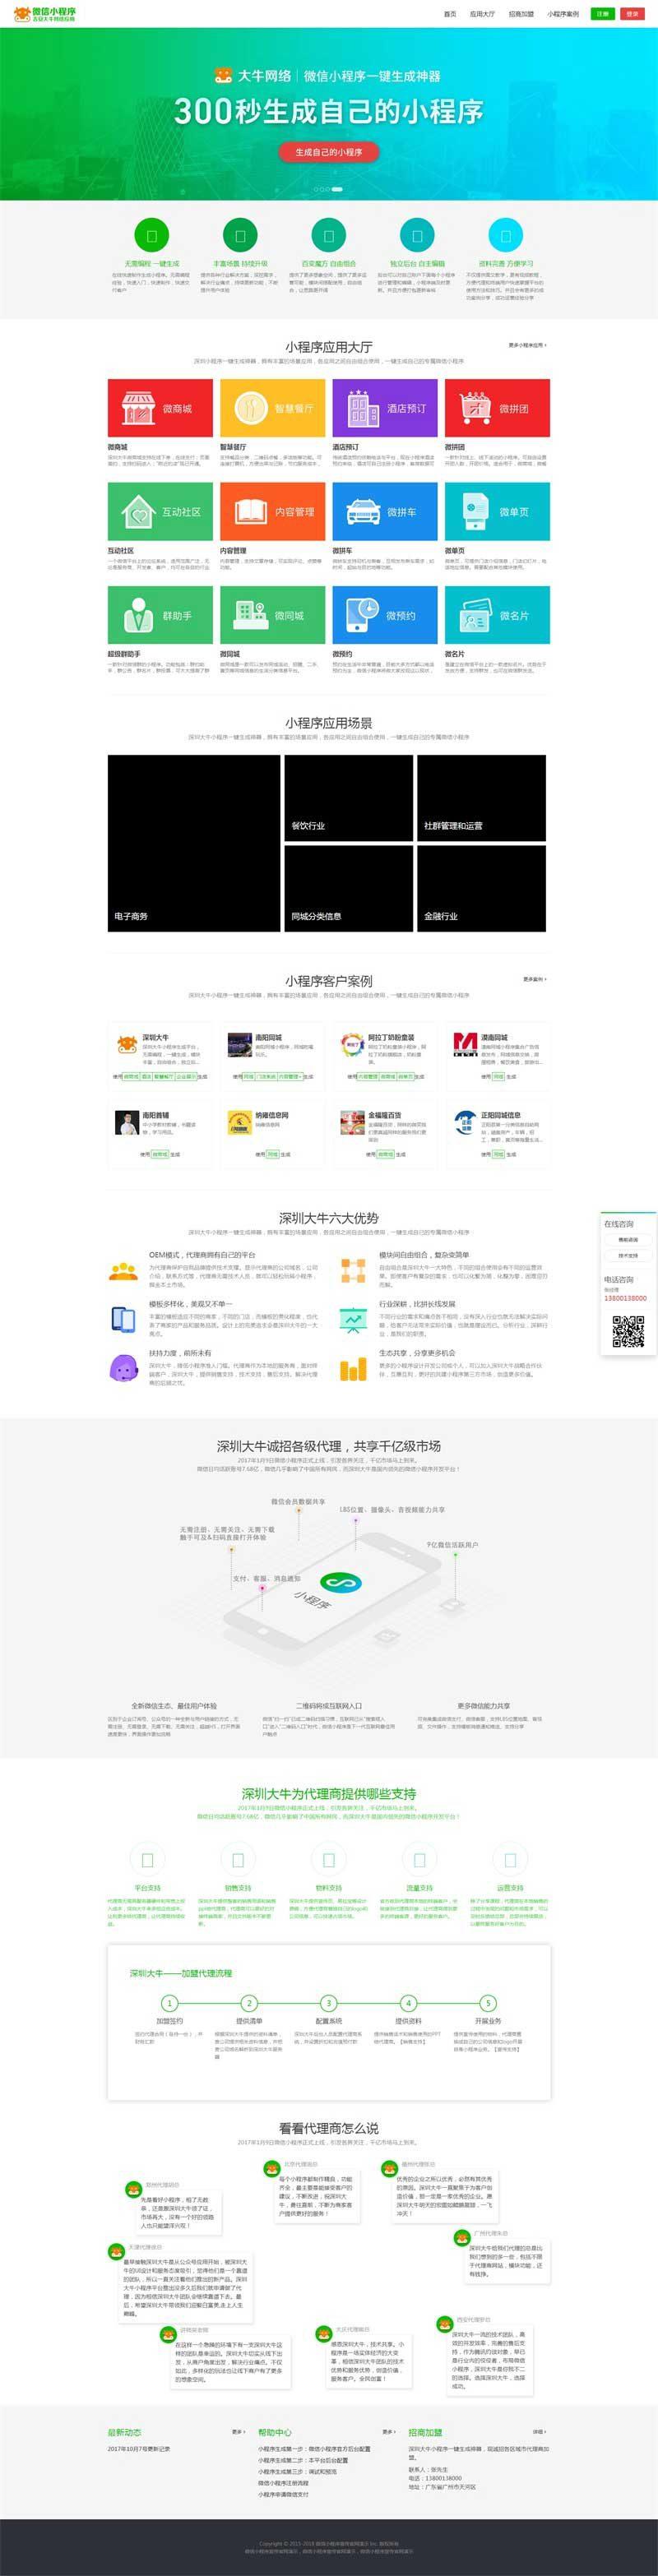 微擎首页模板;微信公众号/小程序开发公司网站html单页面模板